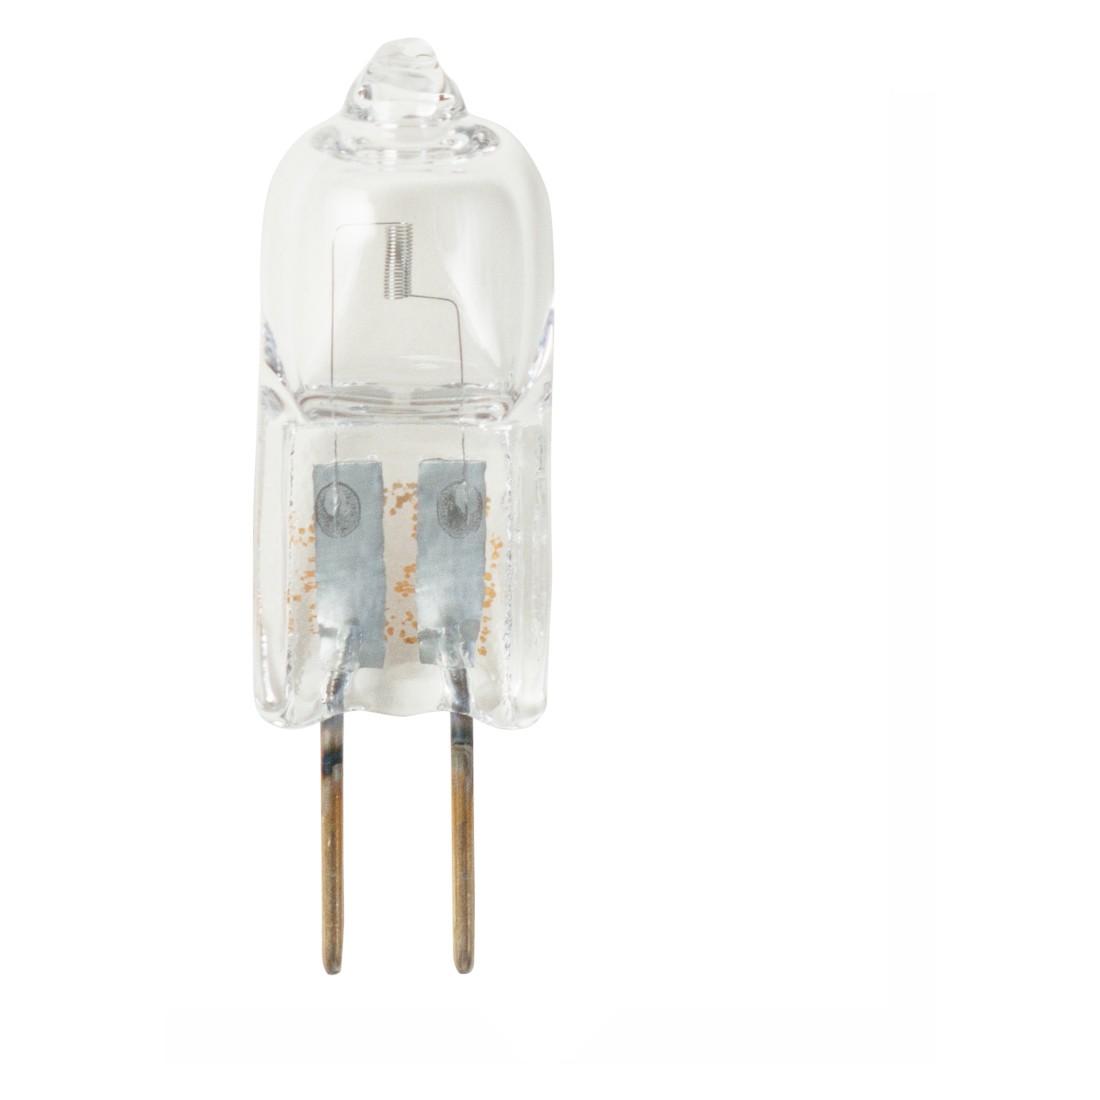 Halogen-Leuchtmittel G4 10 W Stiftsockel klar ● Klarglas Klar- Mega Licht